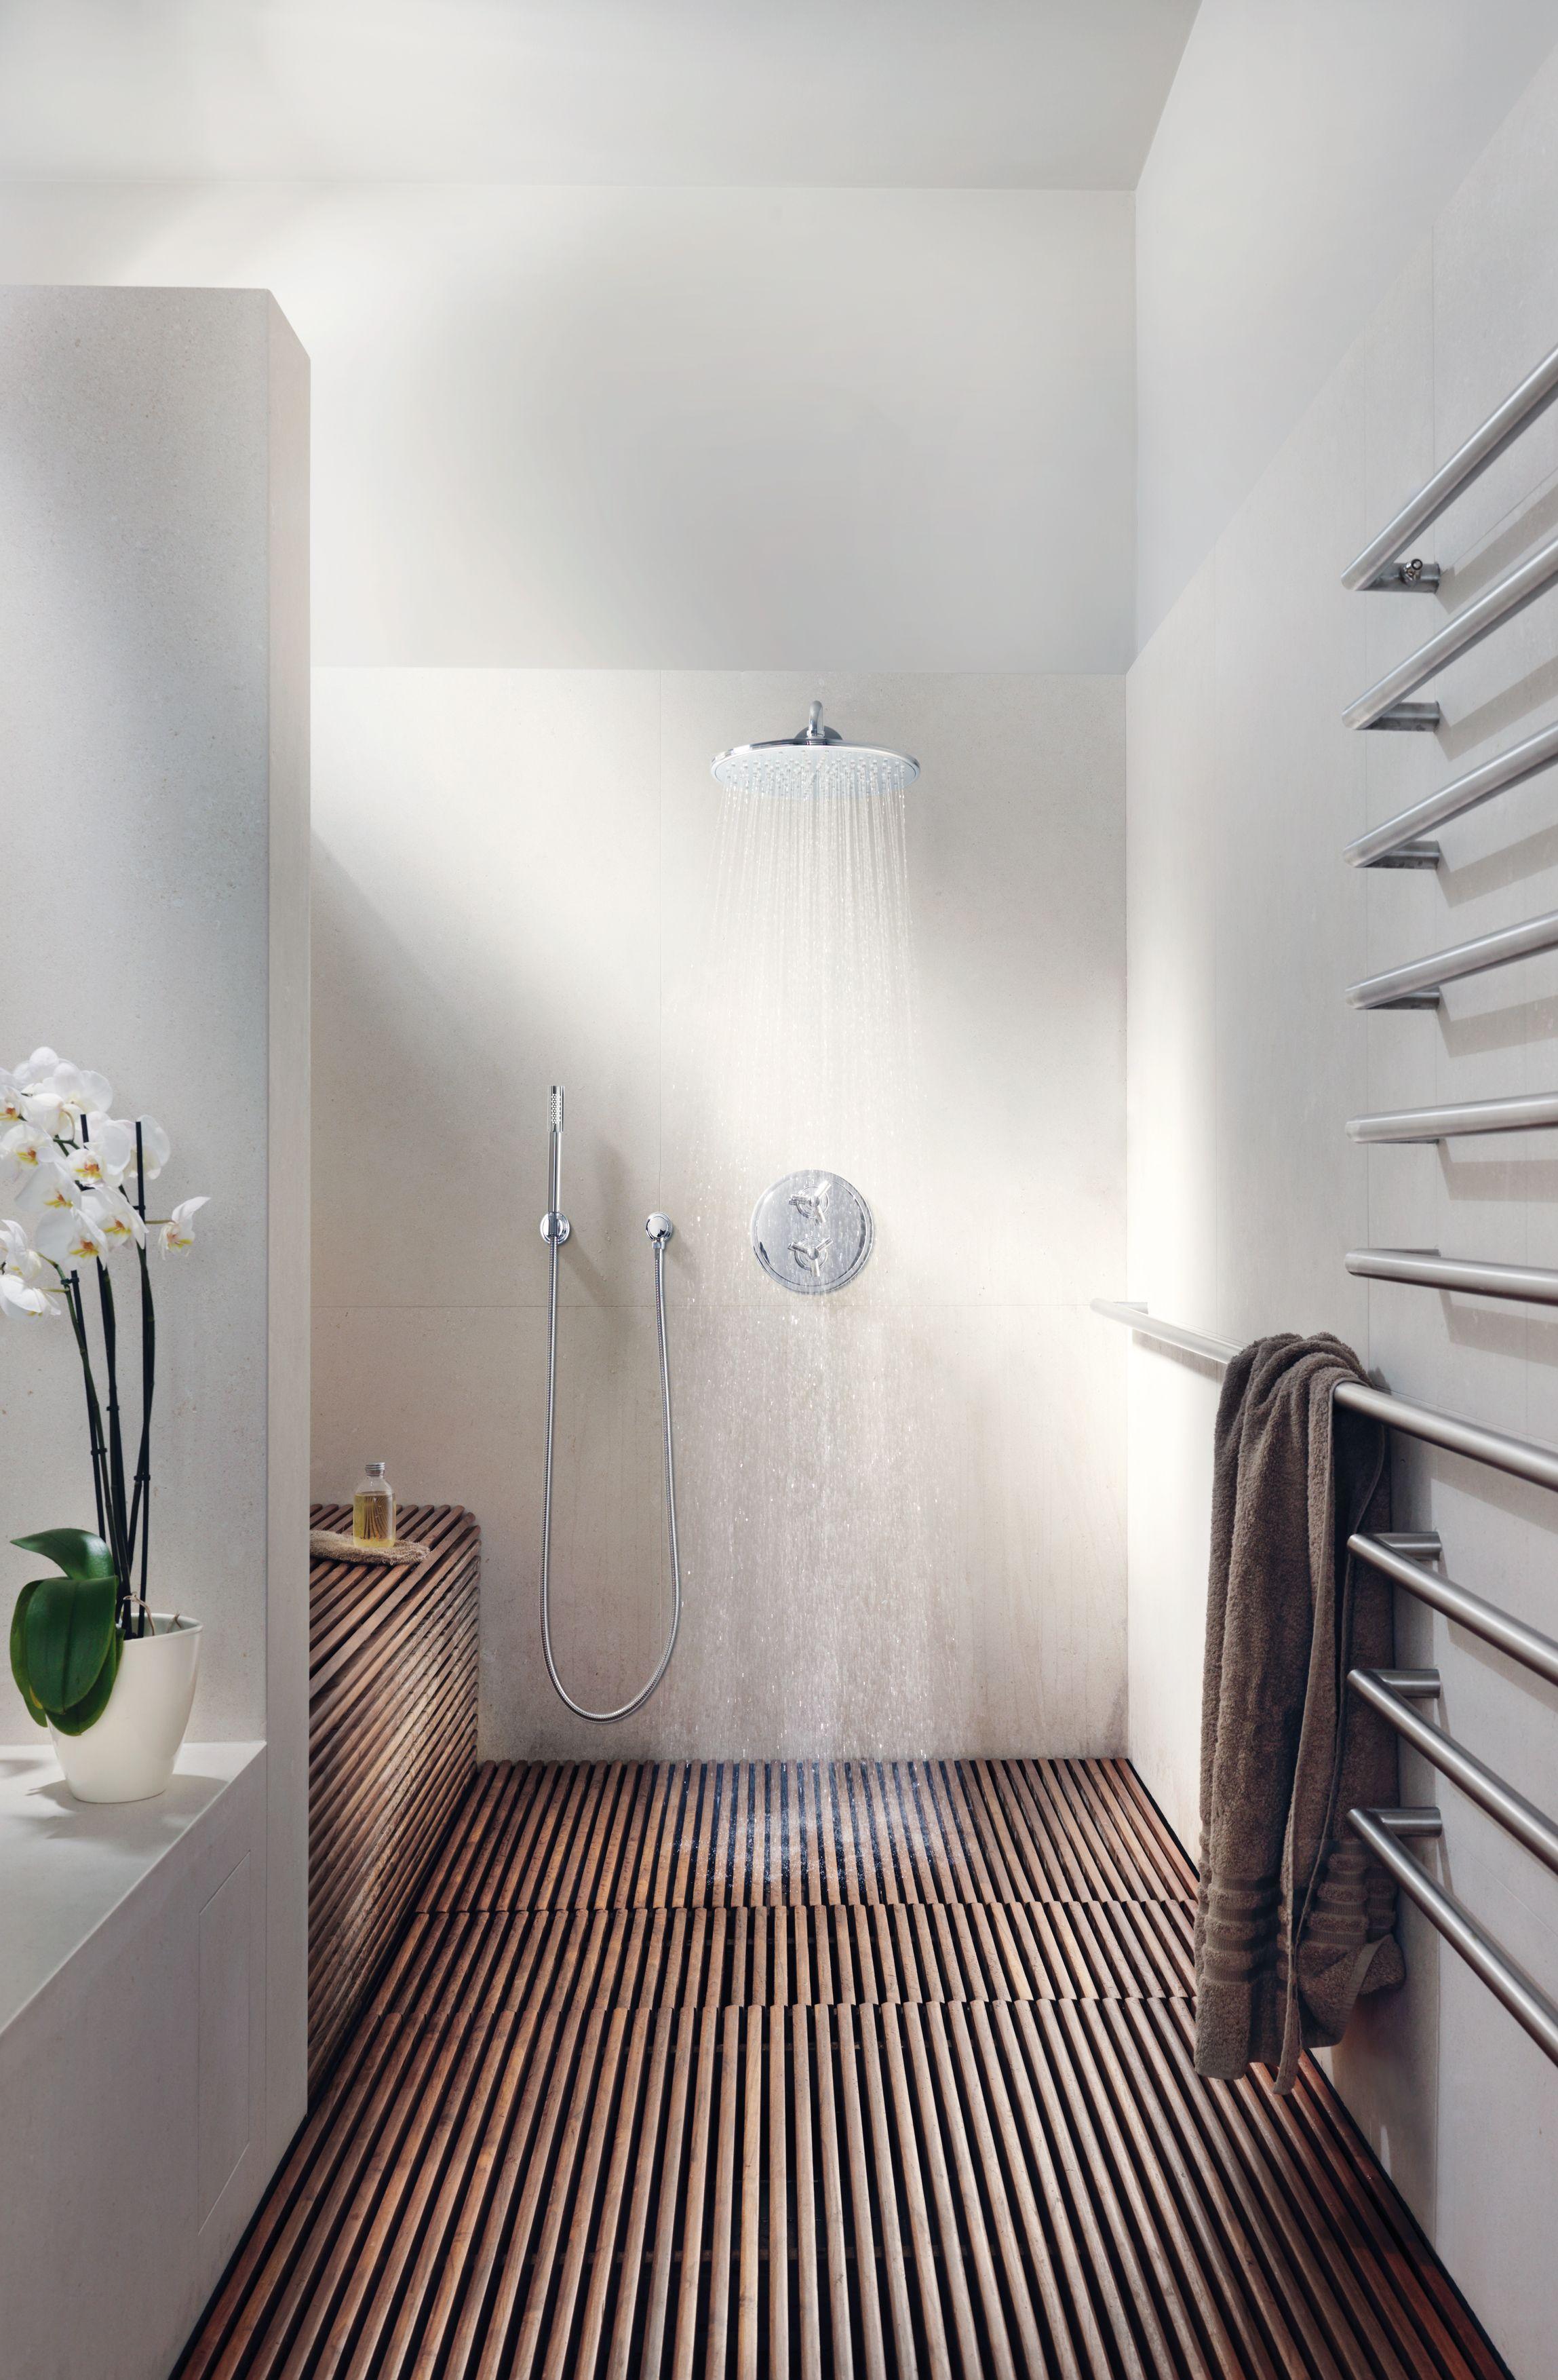 Douche nodig | Badezimmer, Bäder und Zuhause